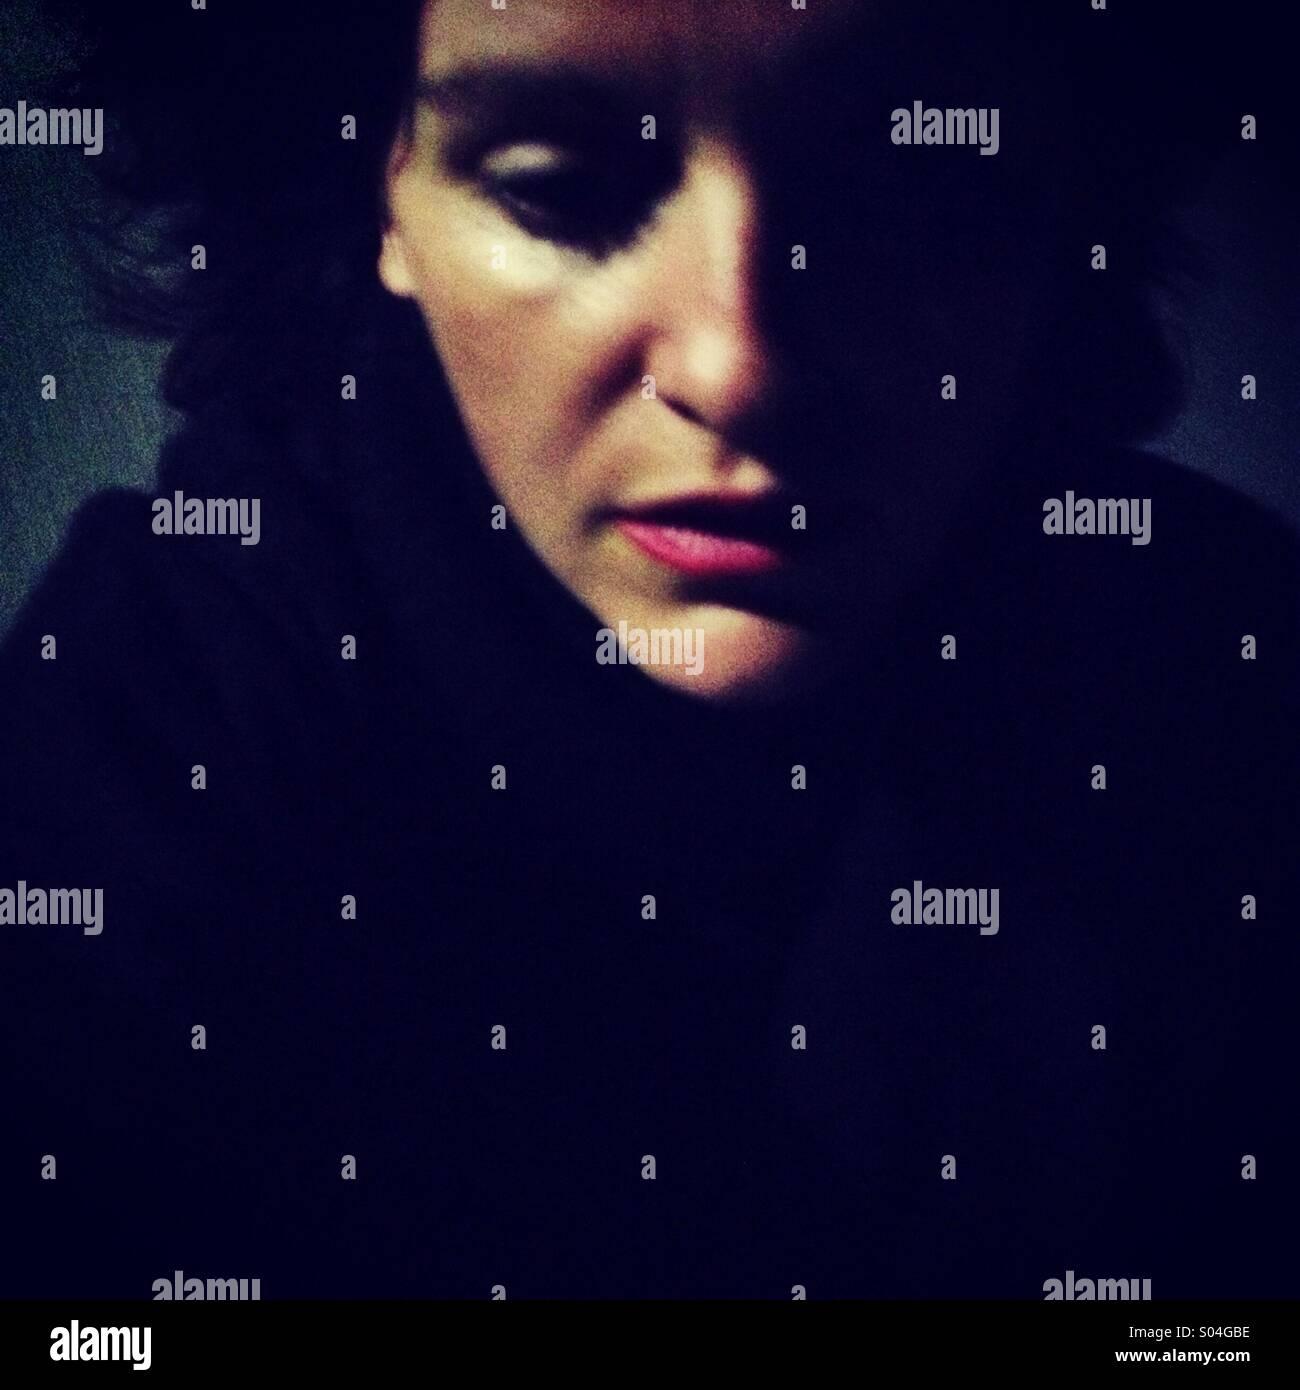 Evening sadness - Stock Image